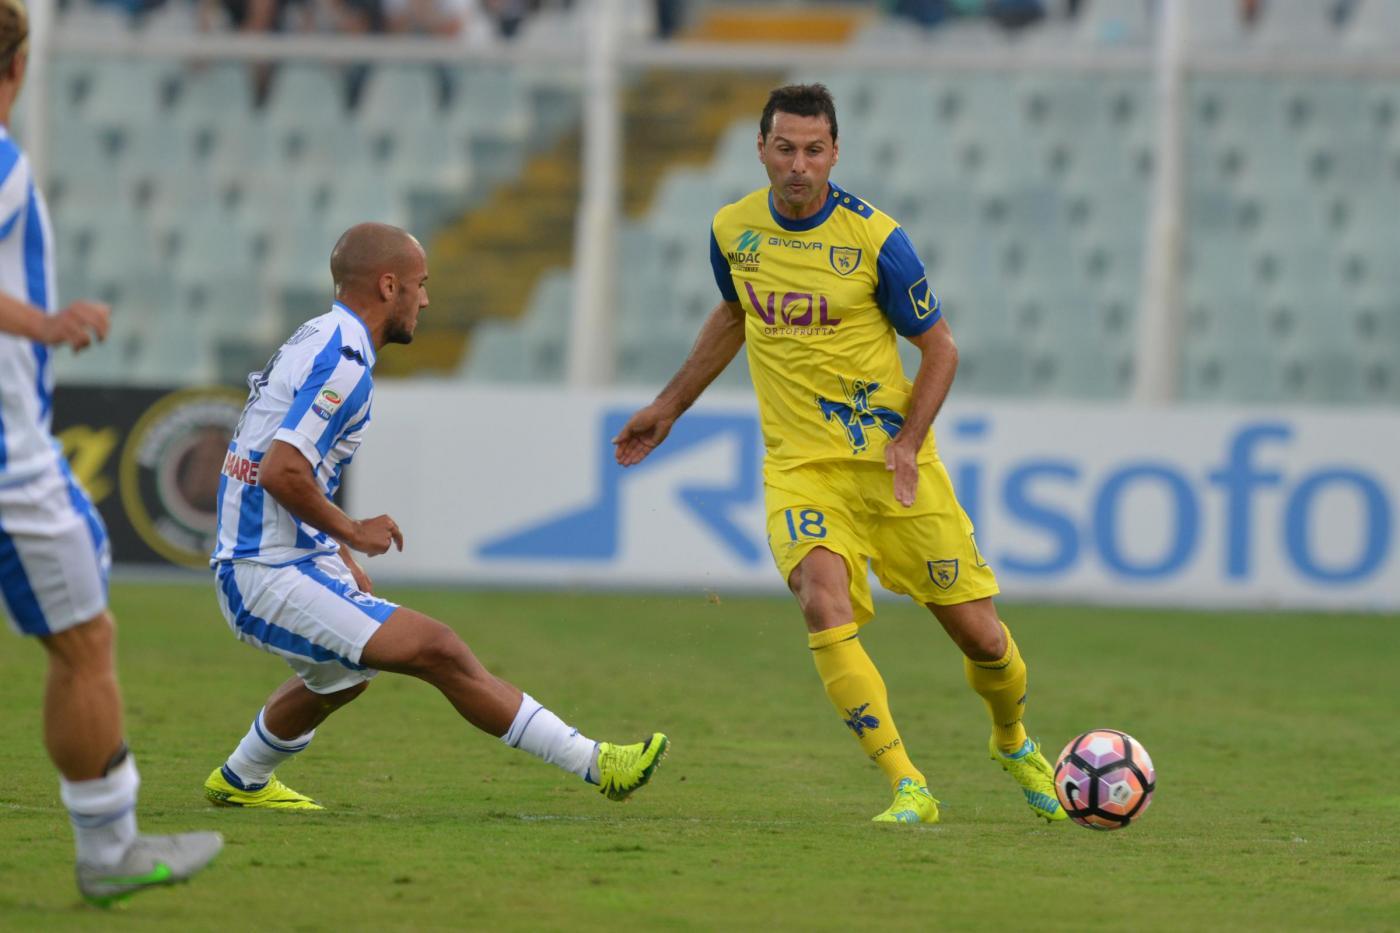 Nel primo anticipo della 7a giornata di Serie A, il Chievo batte 2-0 il Pescara e vola al terzo posto in classifica alle spalle di Juve e Napoli. Il match è equilibrato per lunghi tratti e viene deciso nel finale da Meggiorini e Inglese, ai primi gol in campionato: il primo sblocca il match al 76' ben imbeccato da Birsa, il compagno di reparto la chiude all'80' in contropiede. Gli abruzzesi rimandano l'appuntamento con la prima vittoria sul campo.